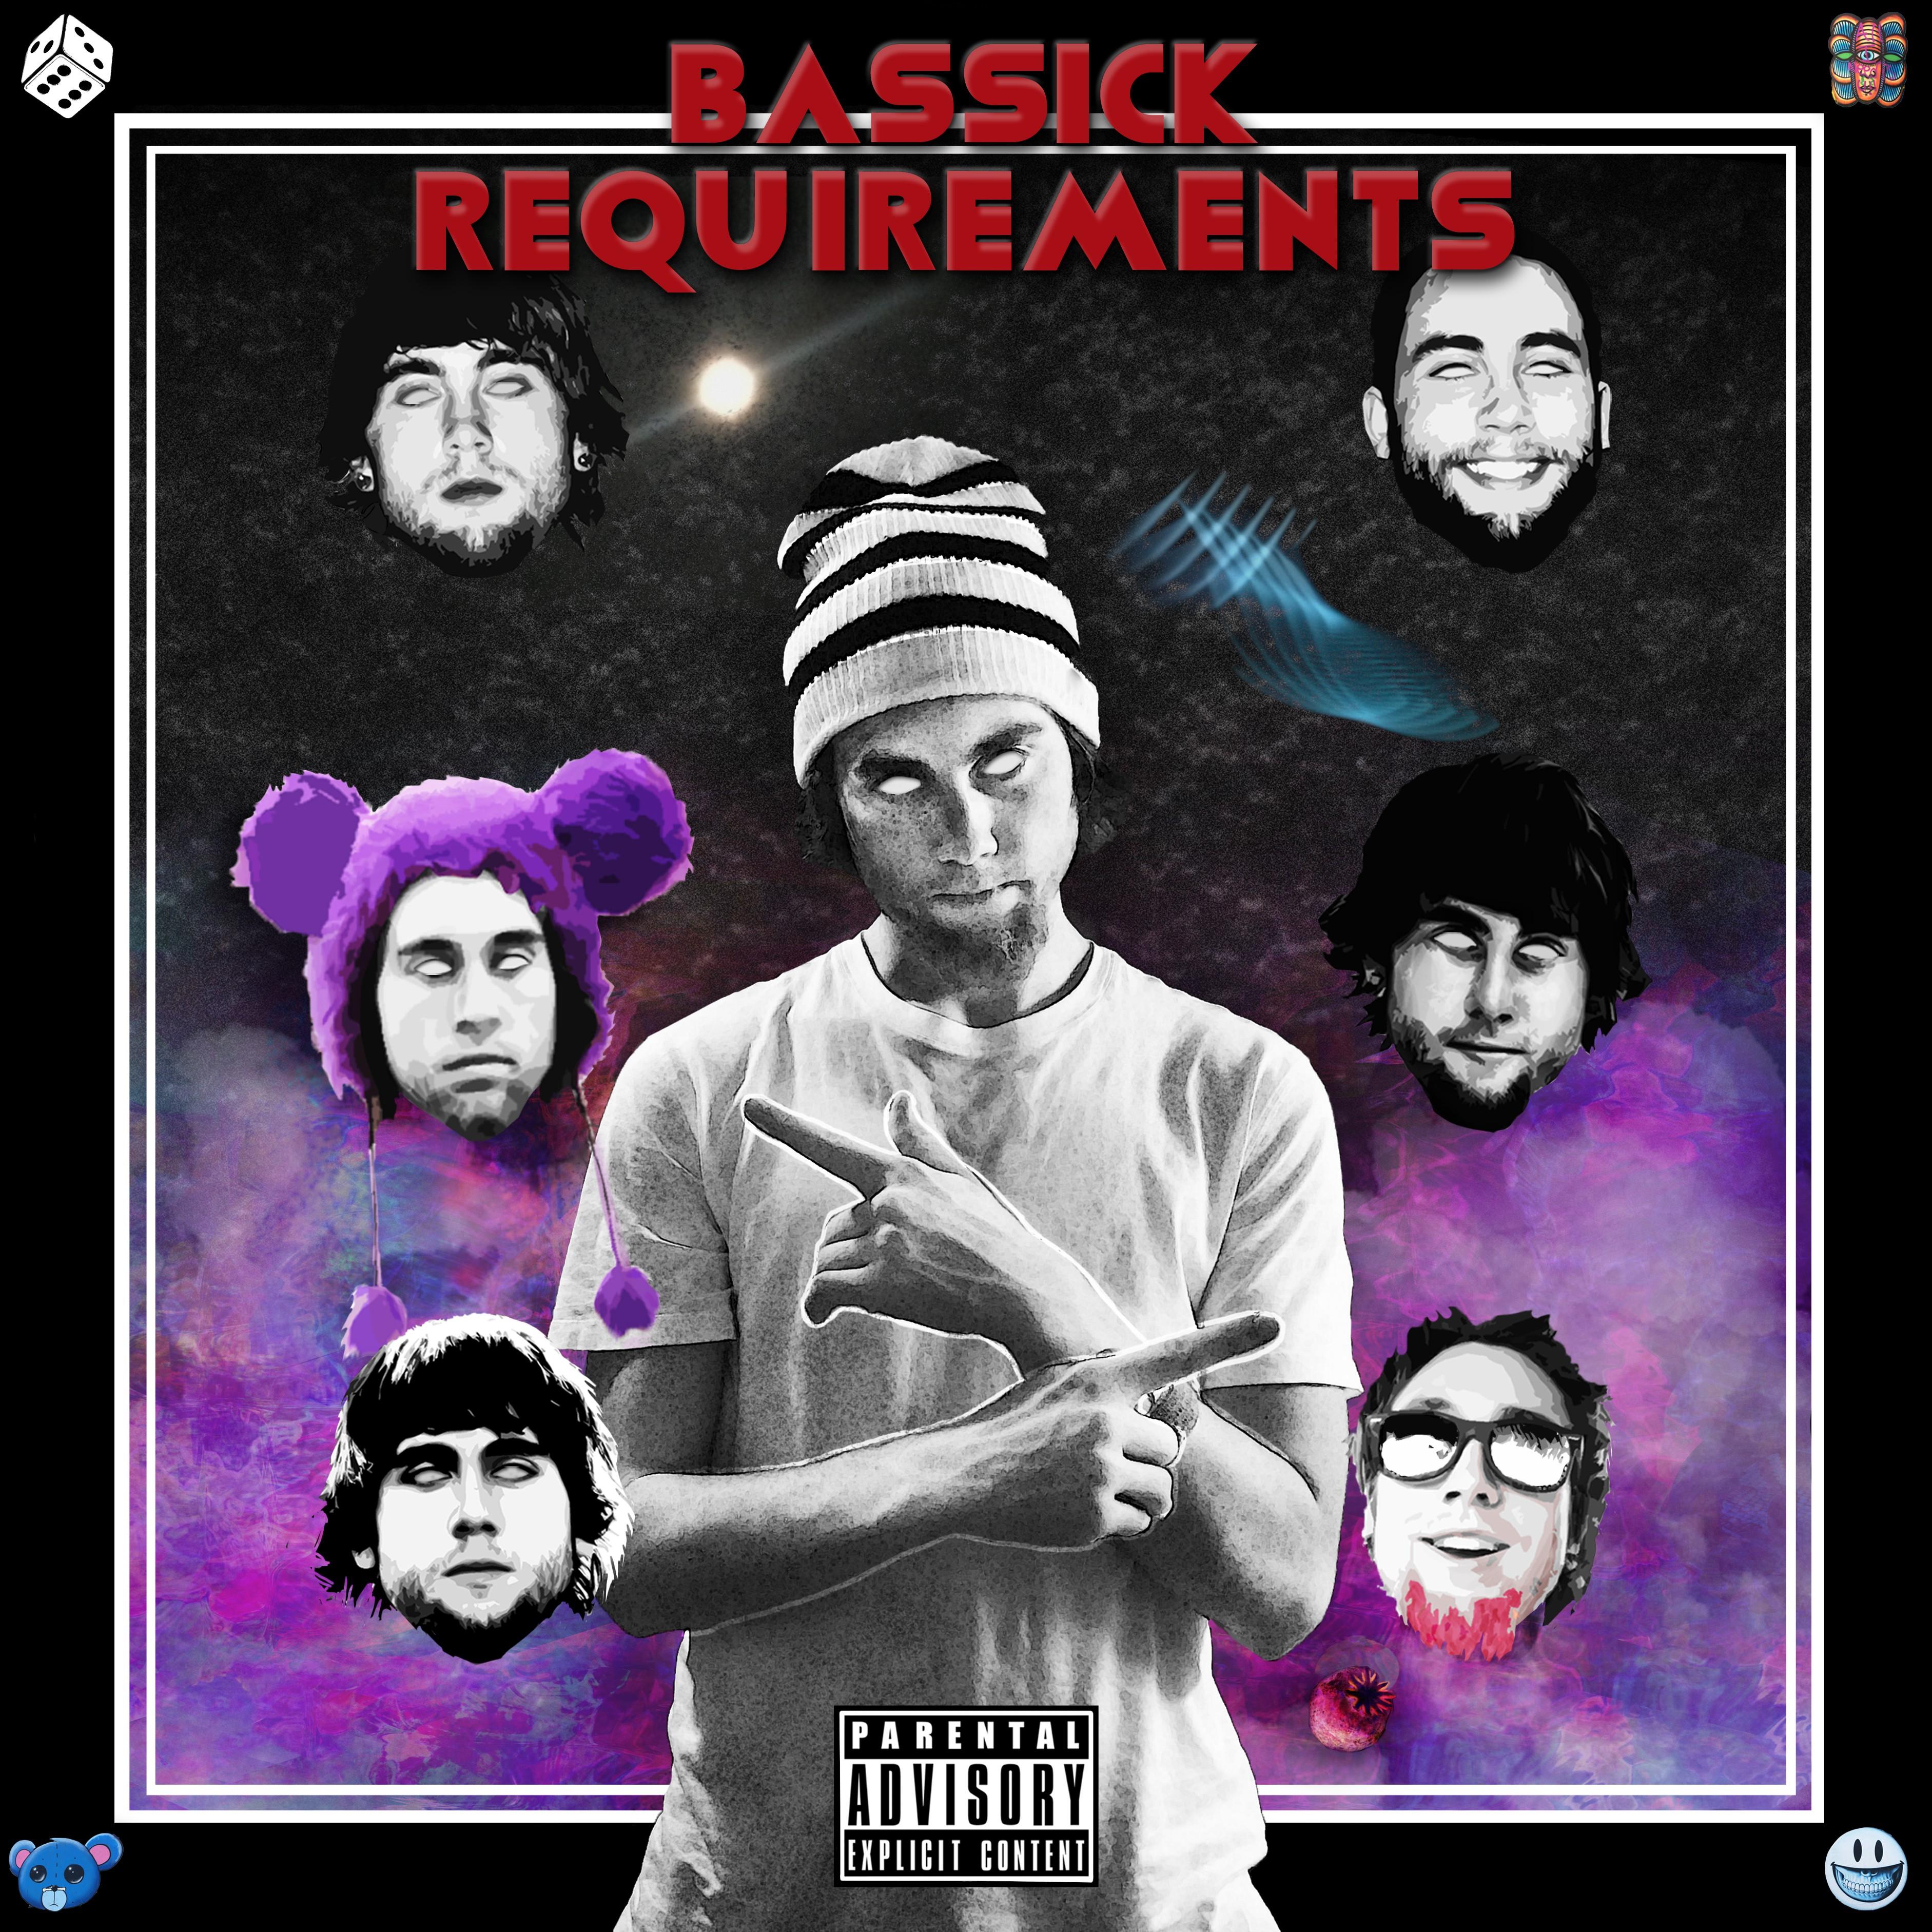 Bassick Requirements